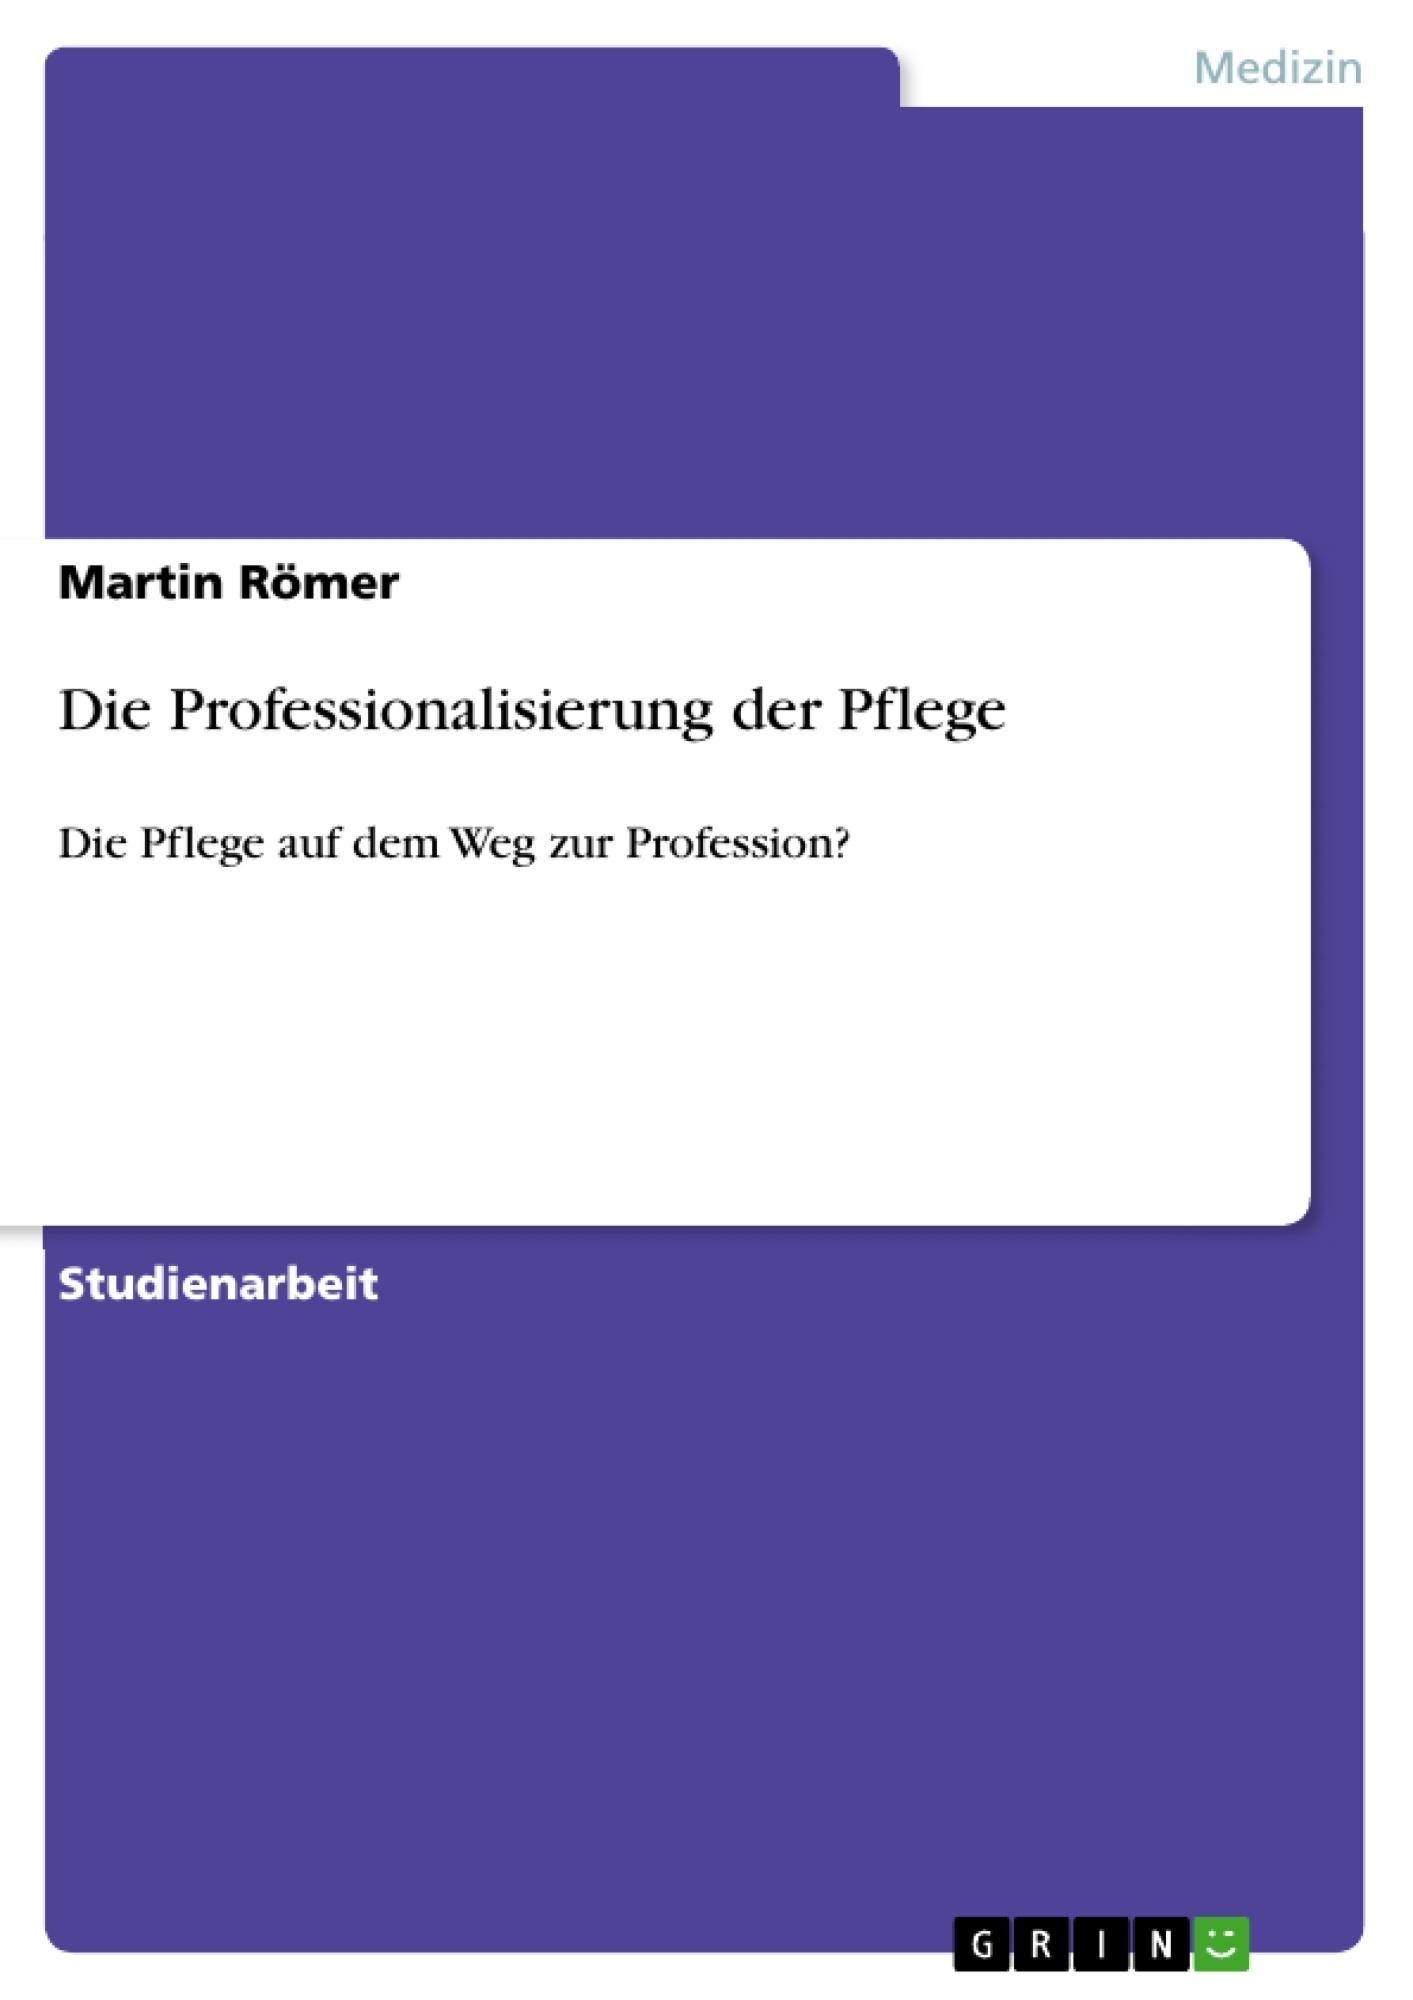 Titel: Die Professionalisierung der Pflege